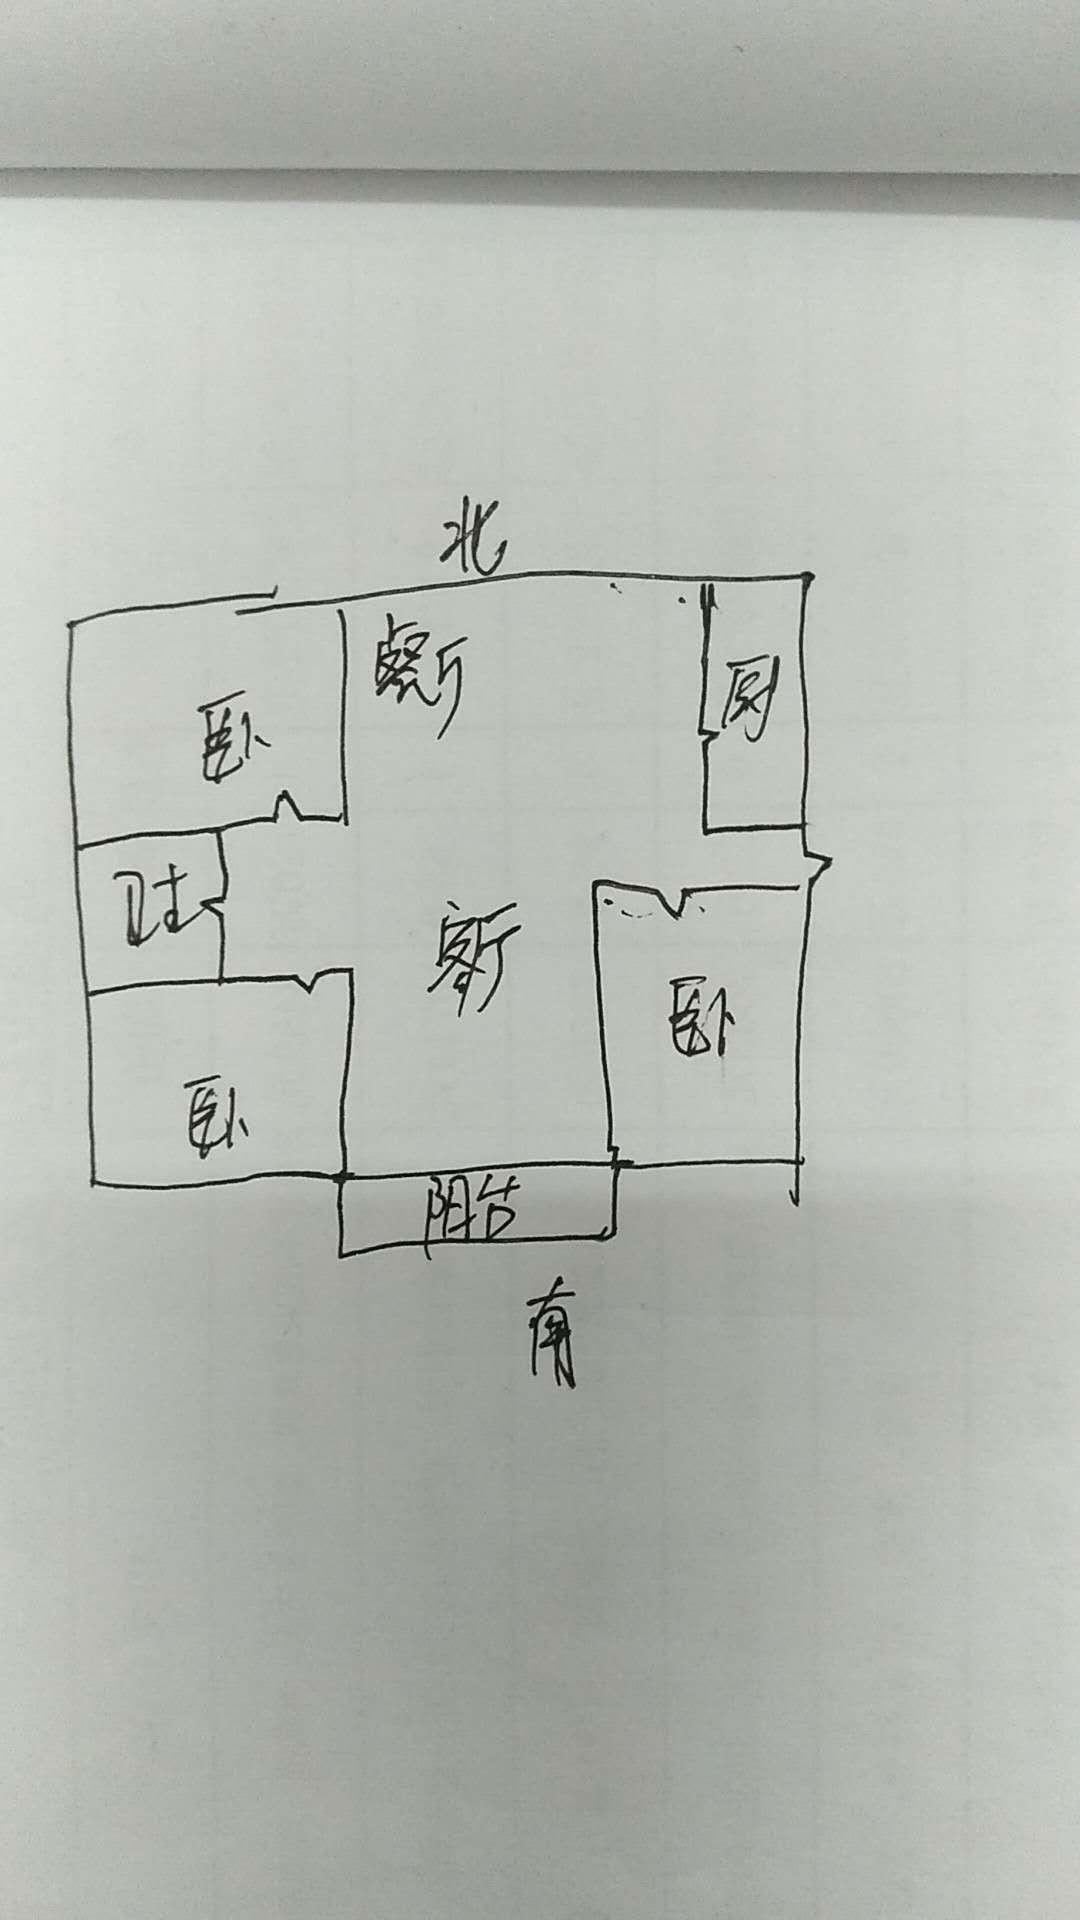 中建华府(欧香丽都) 3室2厅 3楼